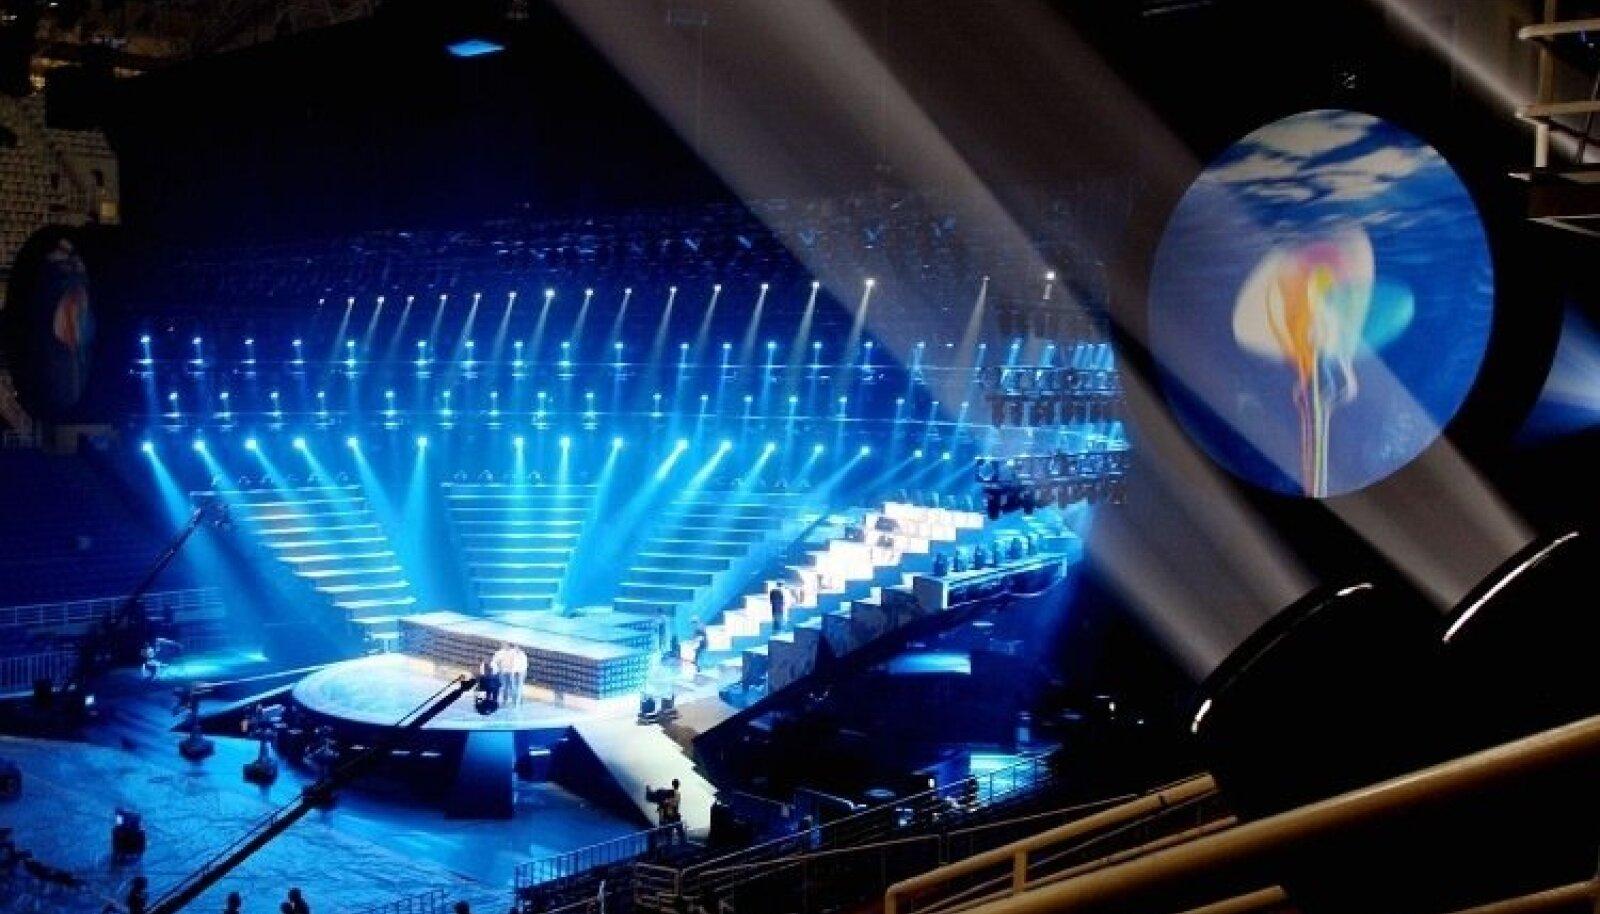 """<p>Tänaseks on Ateenas toimunud Eurovision'i lauluvõistlus ajalugu. Eestit esindas Ateenas 23-aastane rootslanna Sandra koos Eesti-Rootsi taustalaujatega. Kui meie laeks jäi poolfinaal, siis Soome koletised, bänd nimega Lordi, suutis üllatada kogu Euroopat ja esimest korda võidu Soome tuua. Fotod tegi Päevalehe fotograaf Priit Simson. Vaata edasi - <a target=""""_blank"""" href=""""https://www.pressifoto.ee"""">https://www.pressifoto.ee</a></p>"""